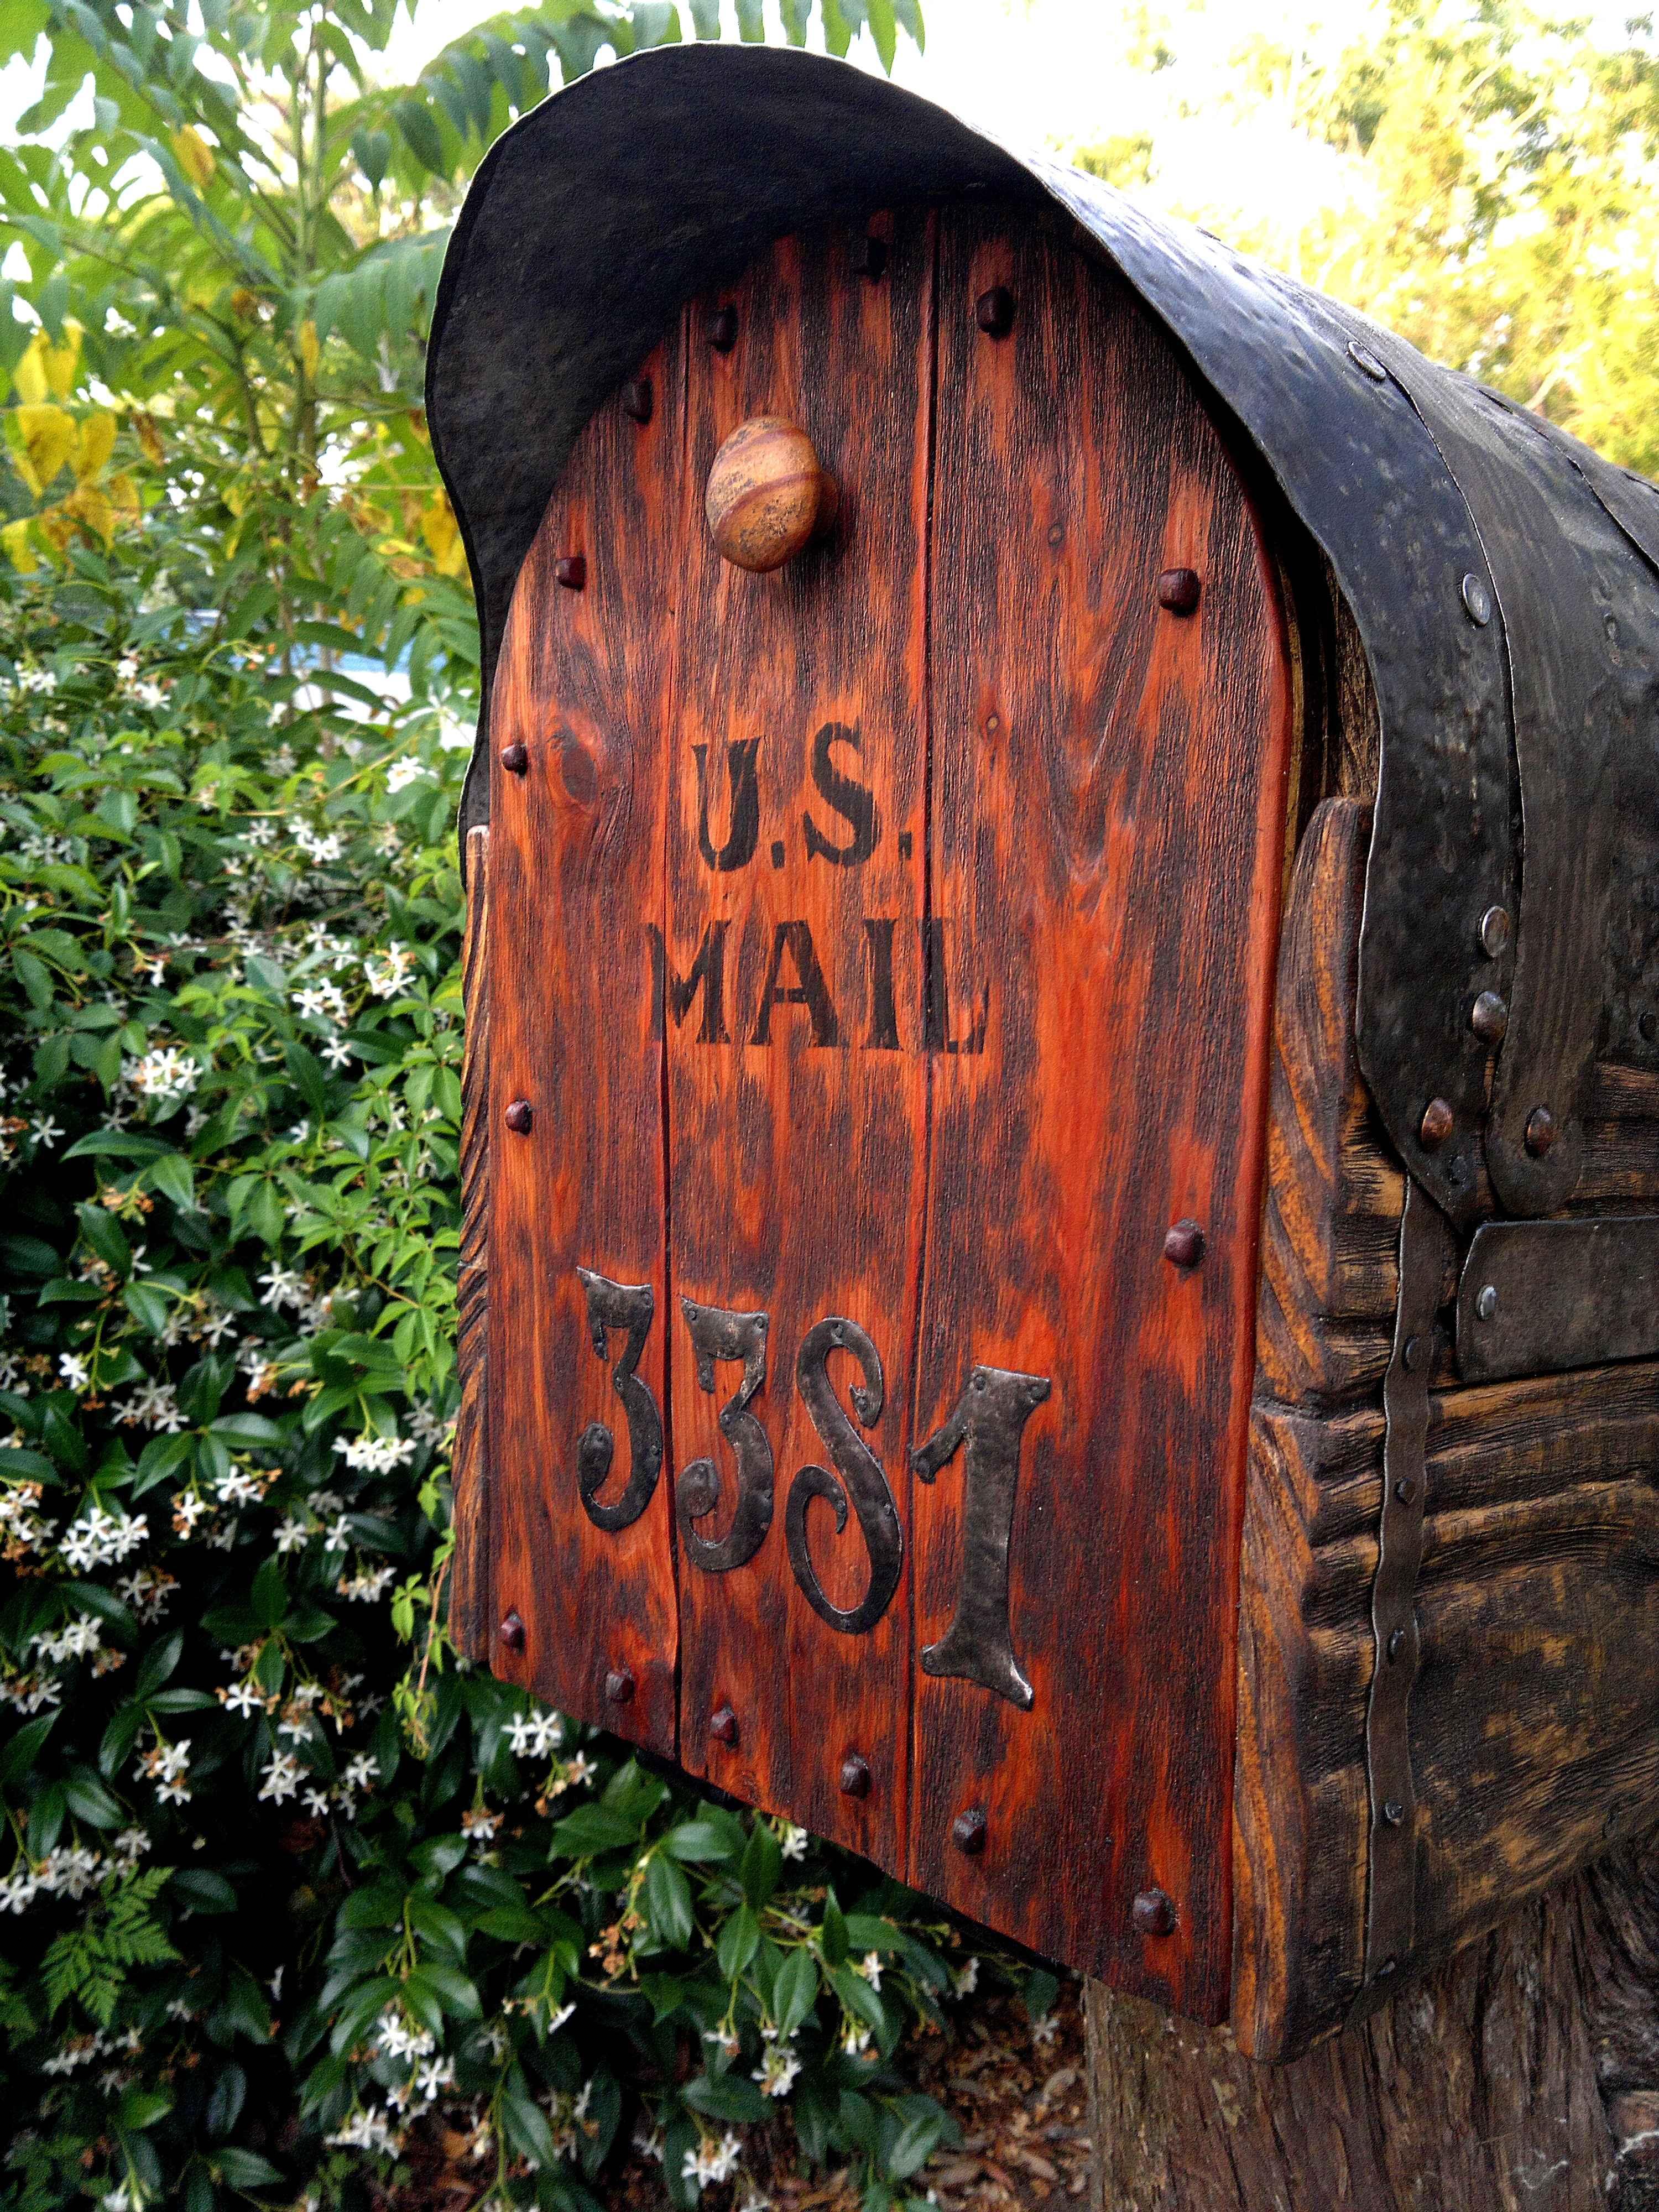 Rustic cedar door